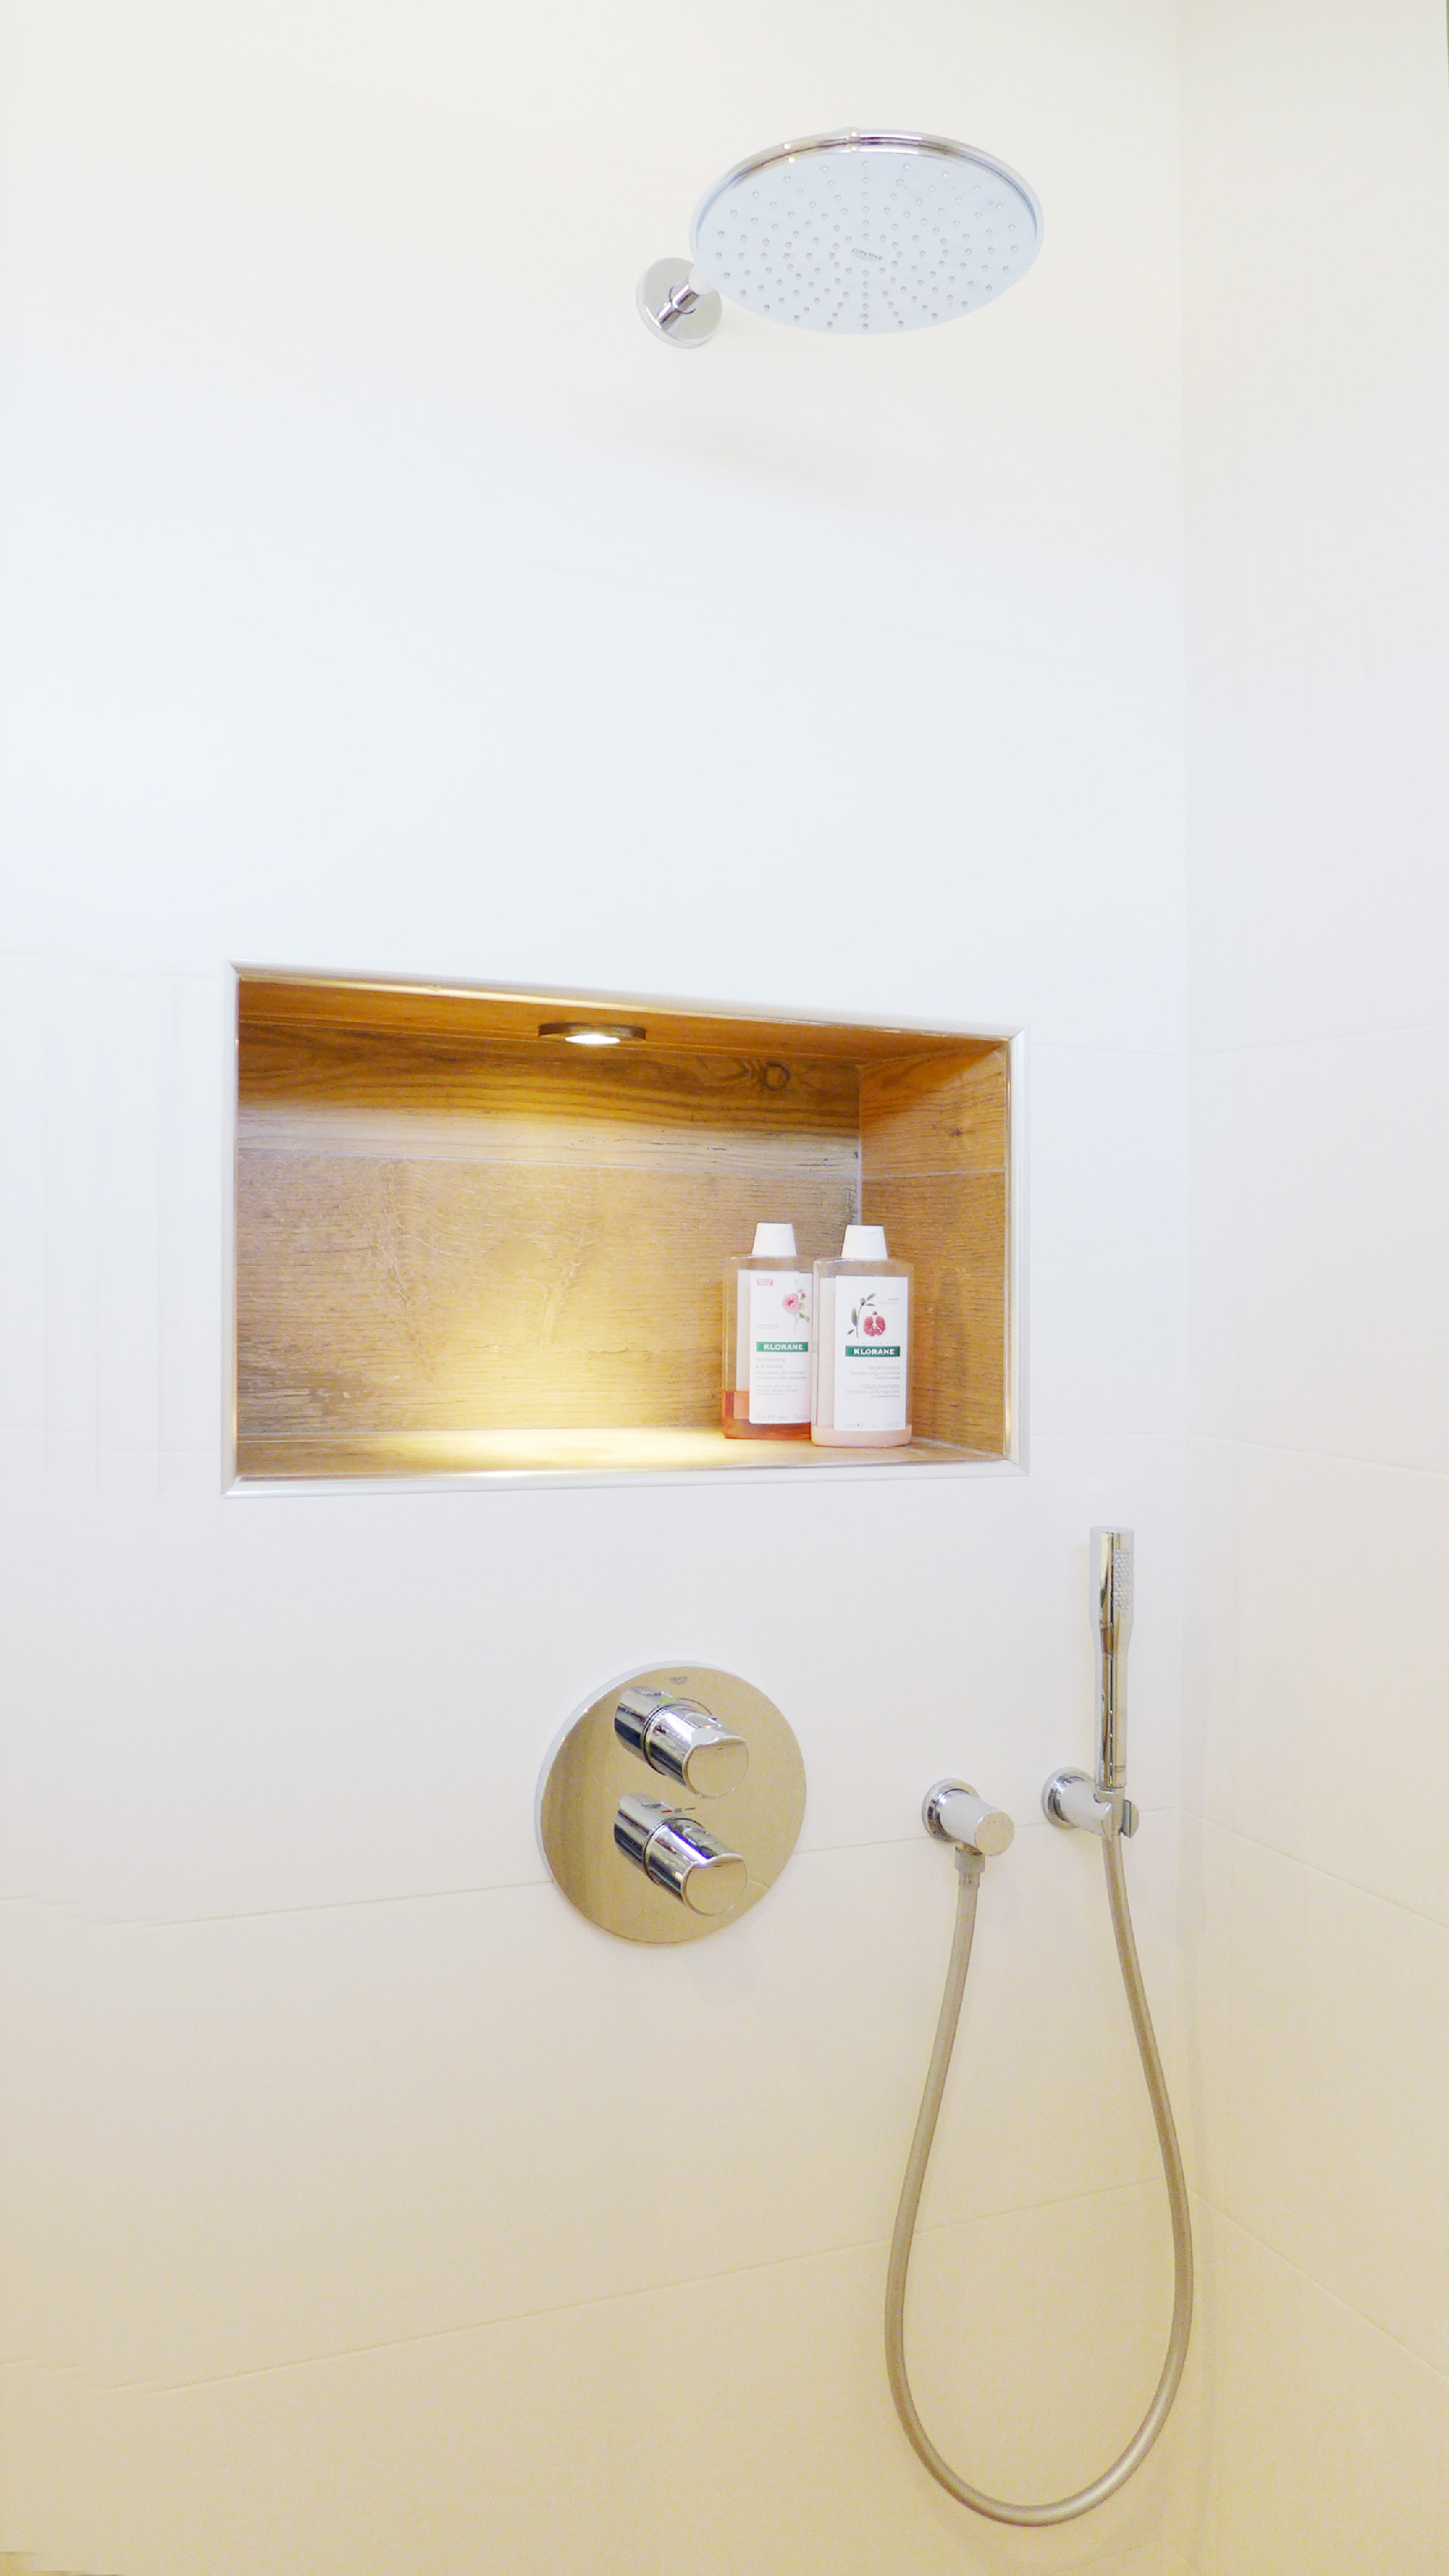 Dans la douche, une niche murale permet de poser ses flacons de savon.